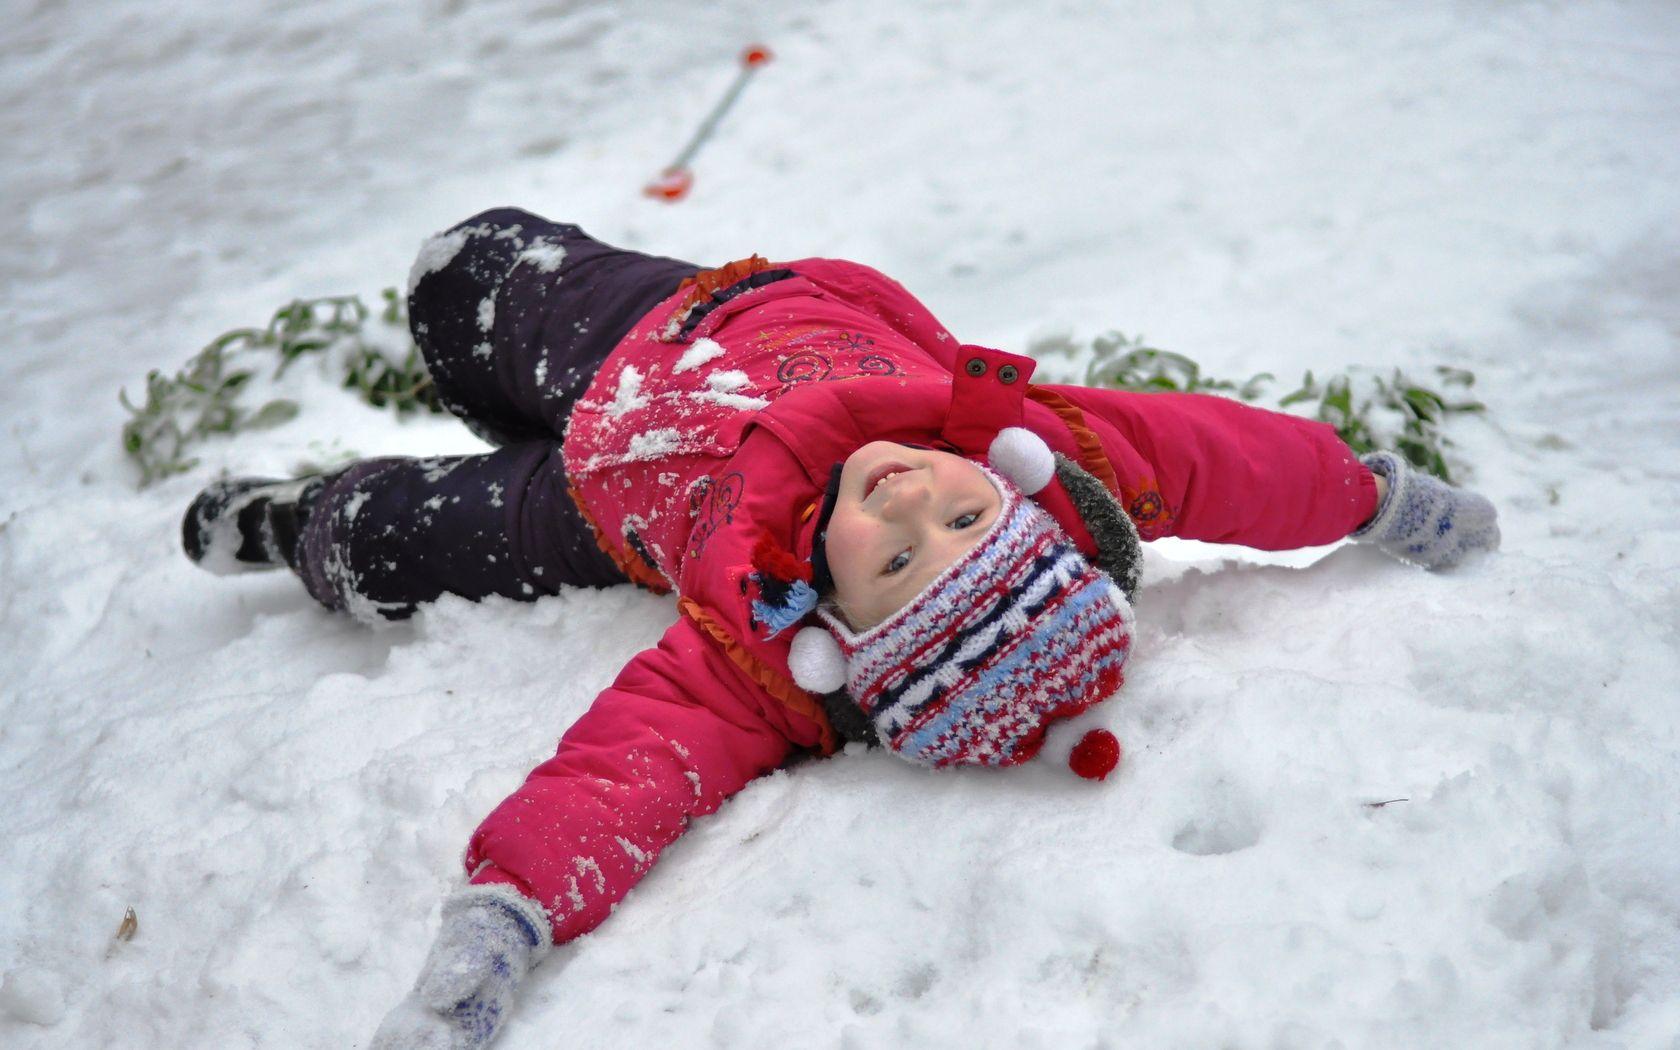 парк иногда какие положено делать при фотографиях в снегу это